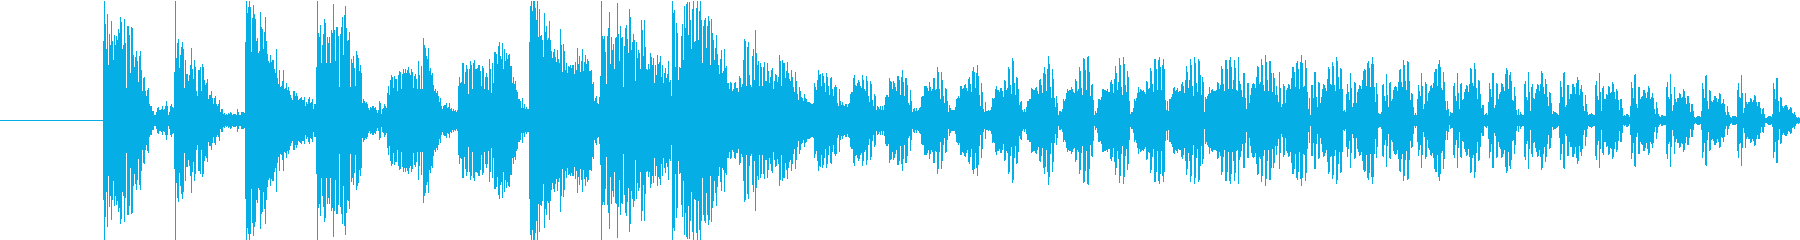 エッジの効いたドラムンベース/ブレ...の再生済みの波形